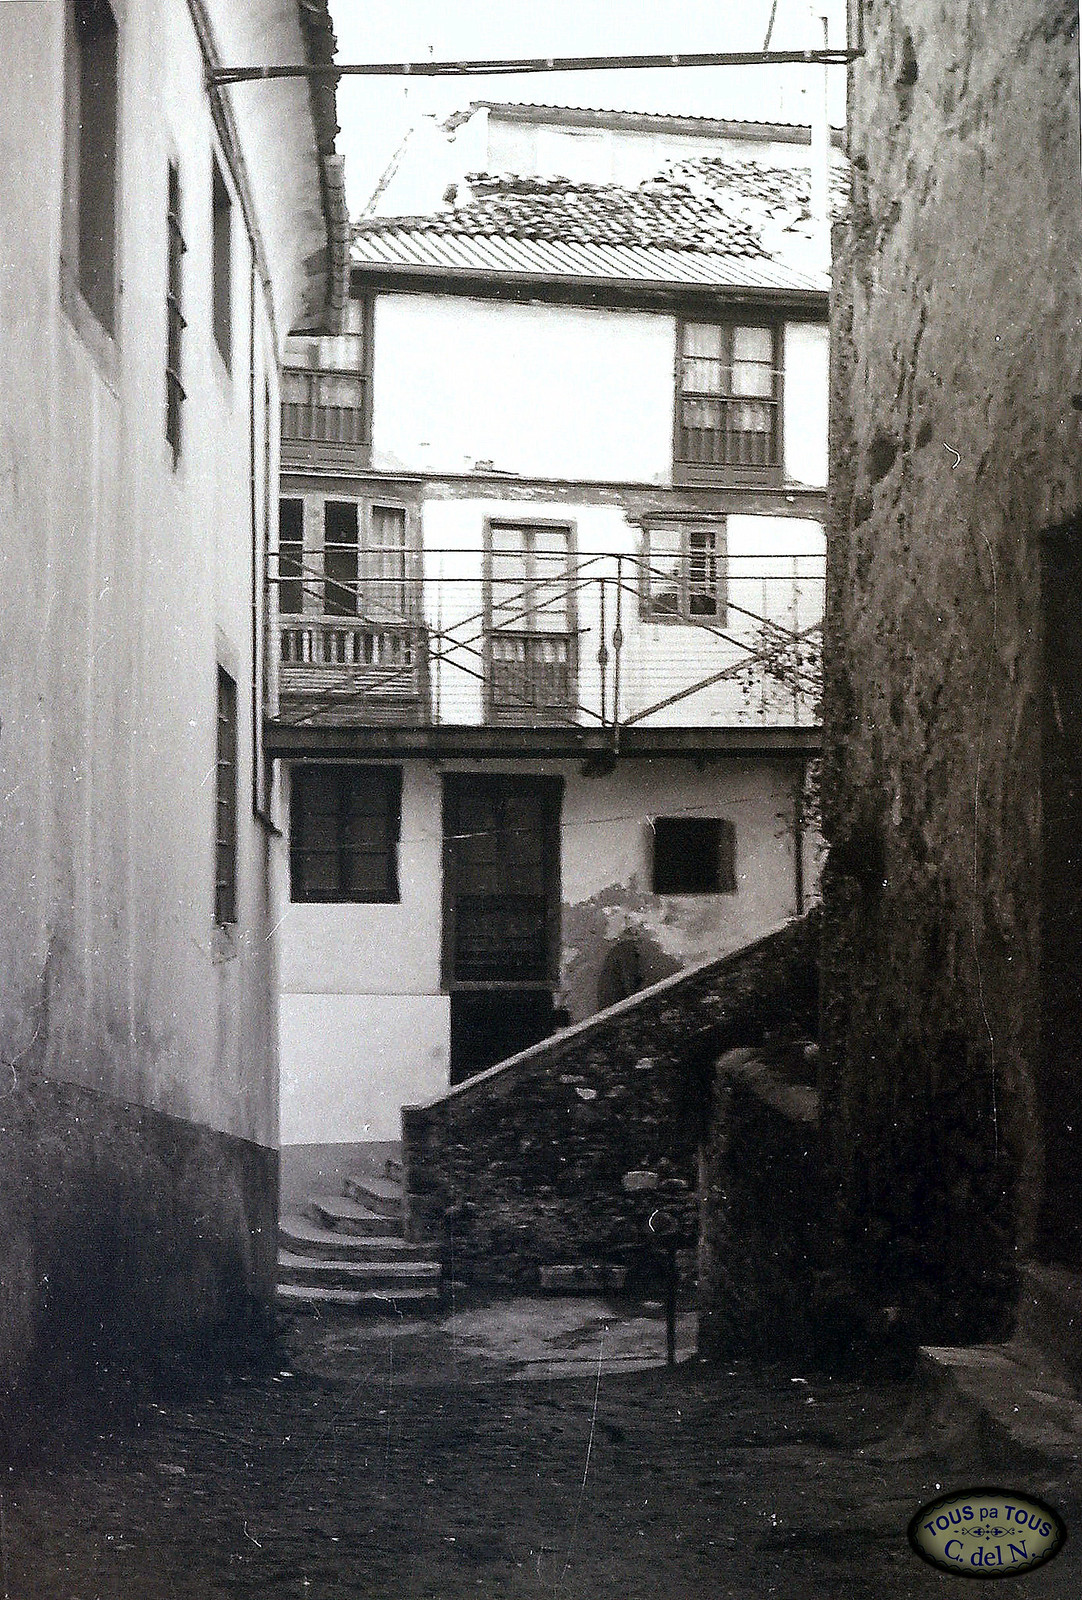 1985 - Escalera de La Fuente